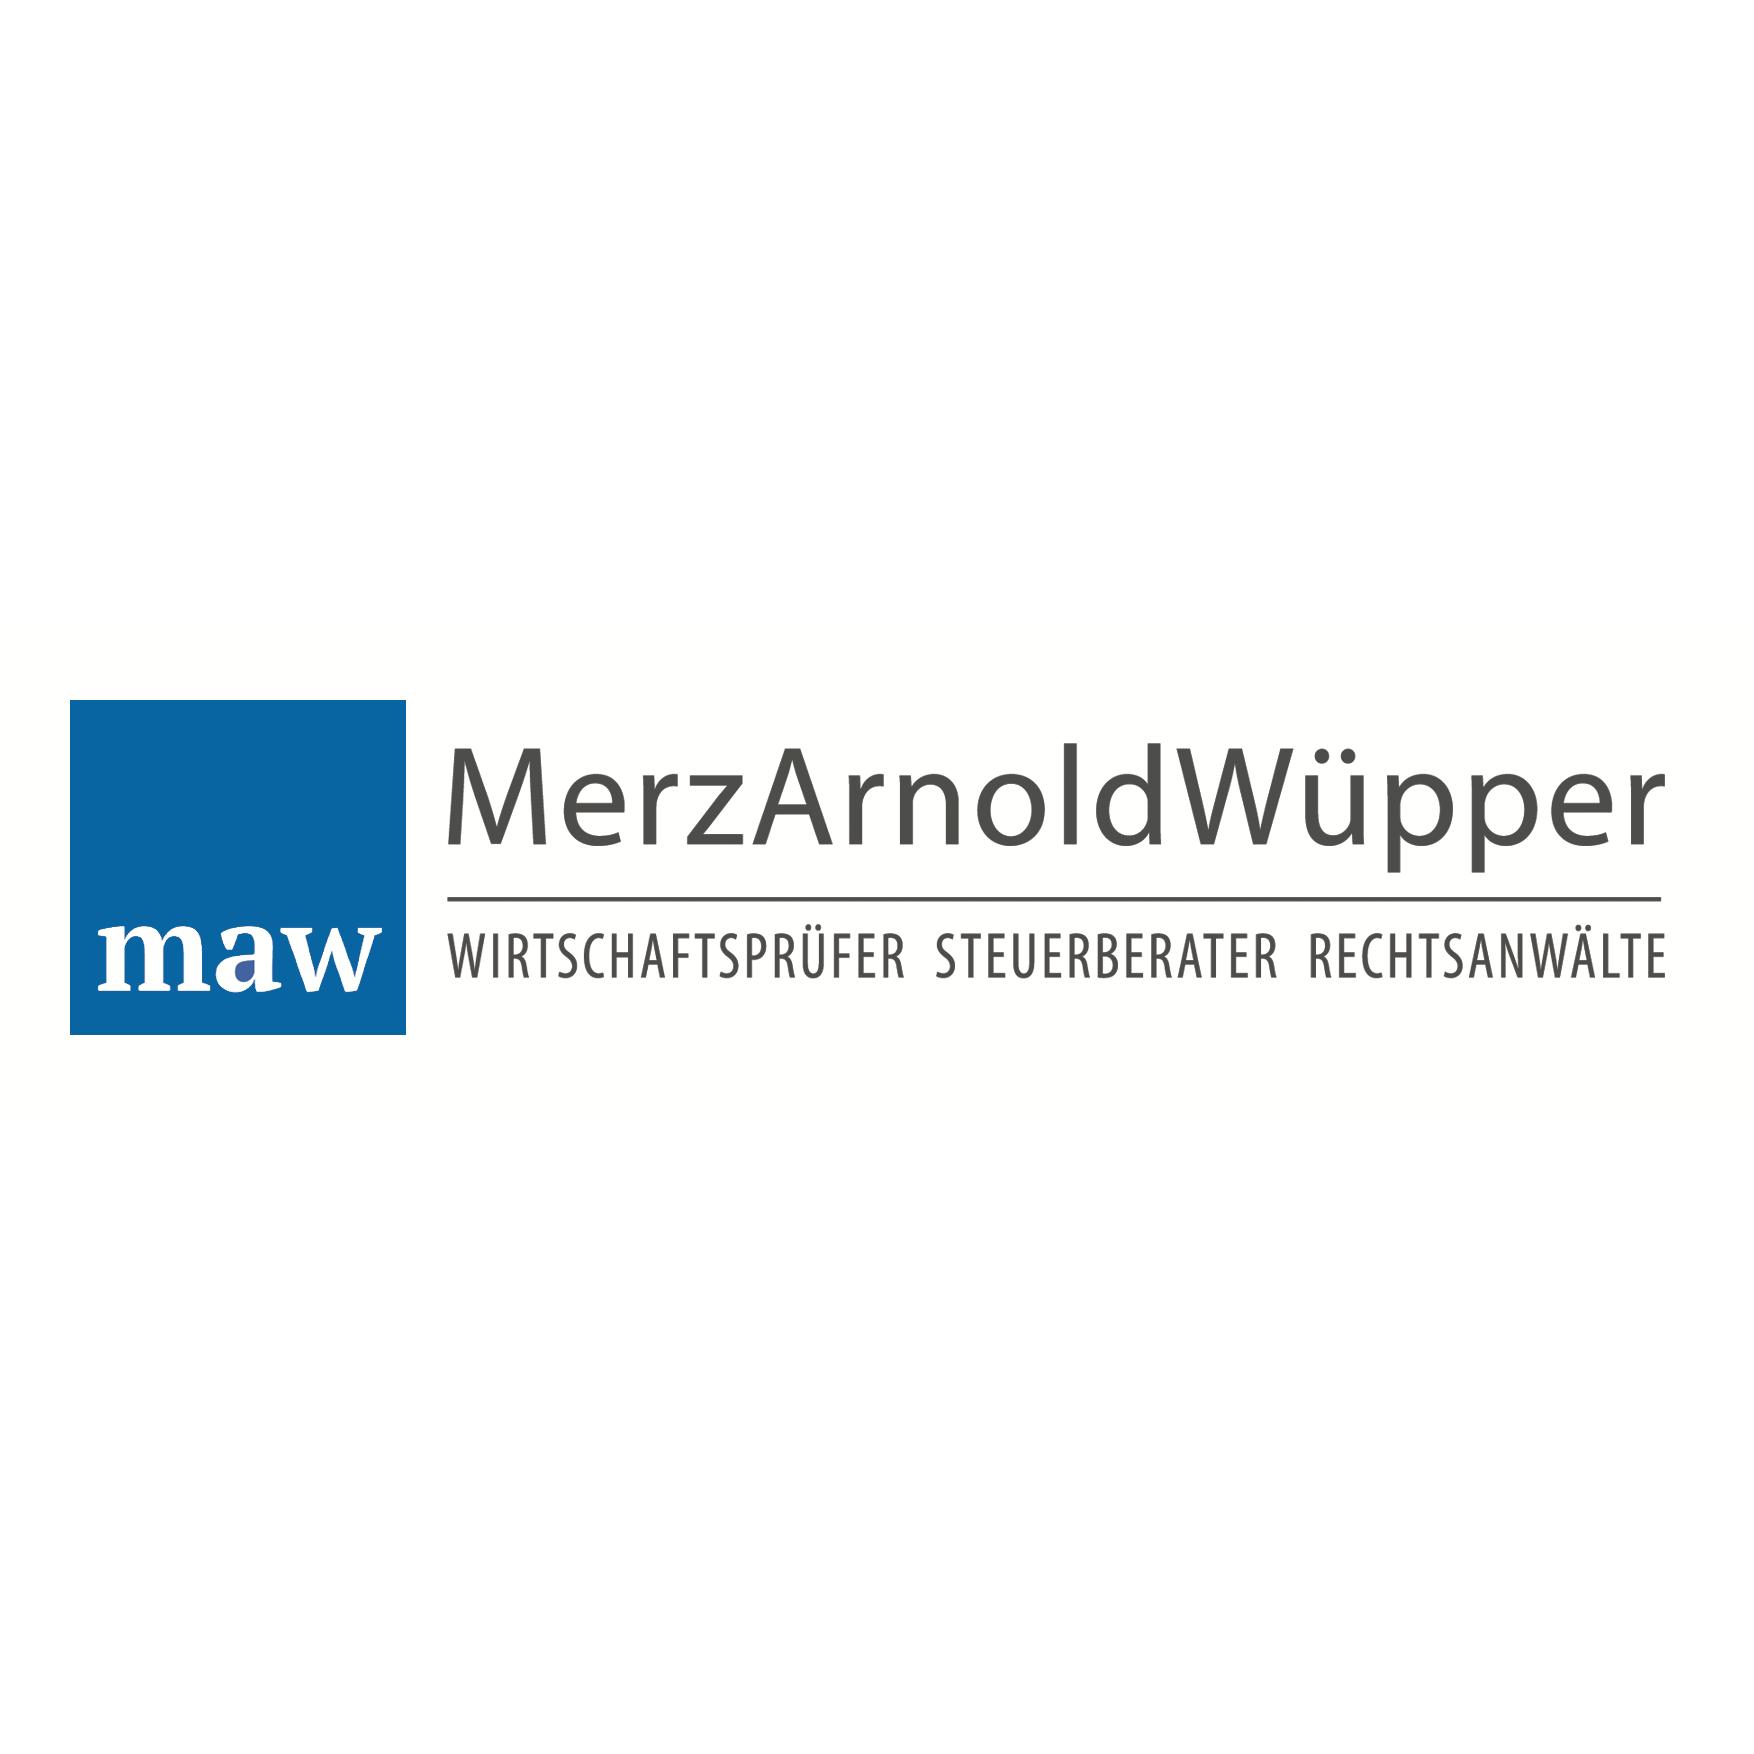 Bild zu MerzArnoldWüpper Wirtschaftsprüfer Steuerberater Rechtsanwälte in Darmstadt